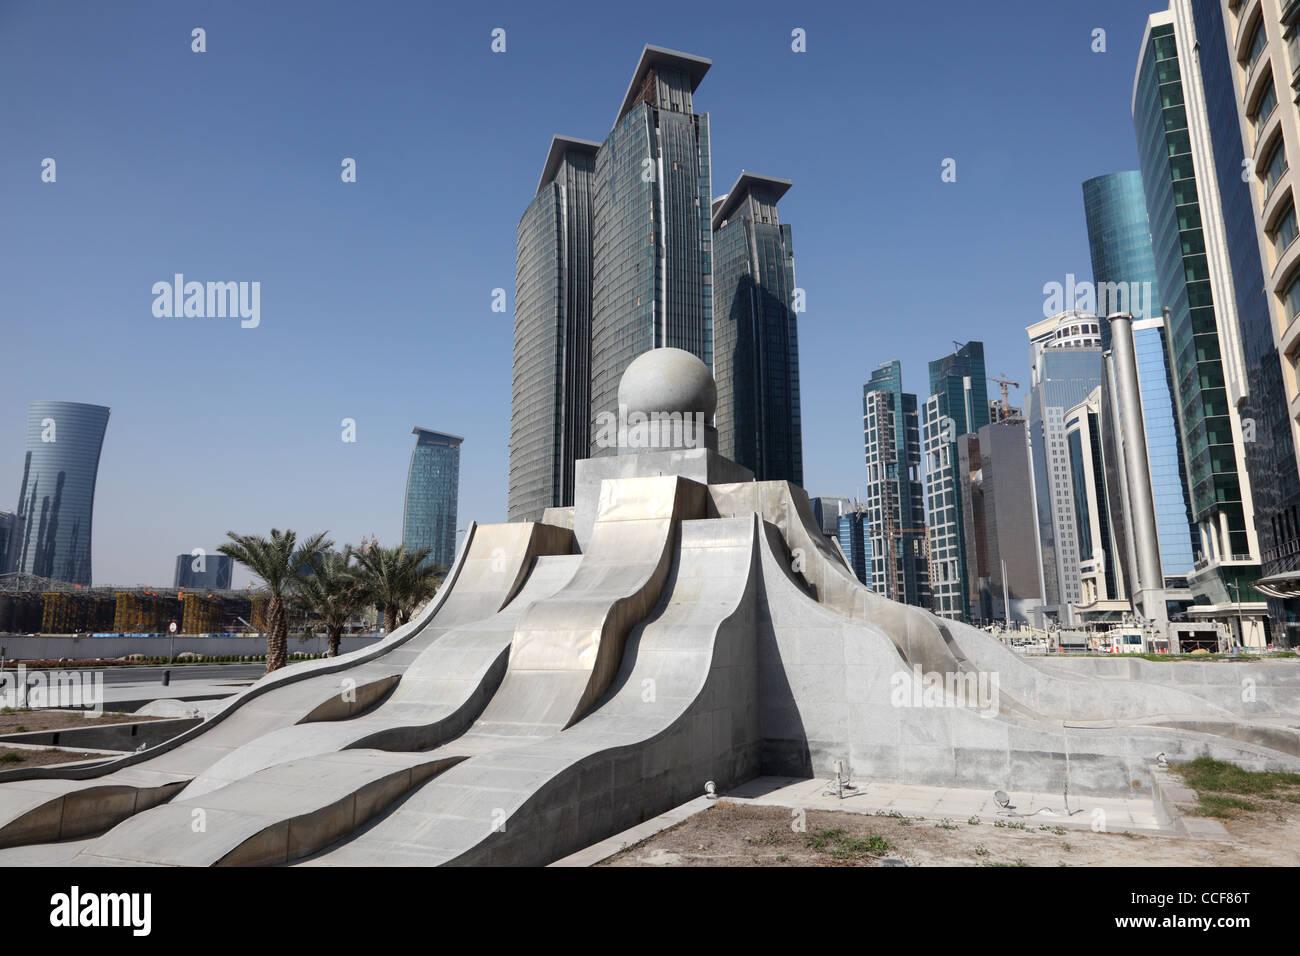 Nuovo centro di quartiere West Bay a Doha, in Qatar Immagini Stock